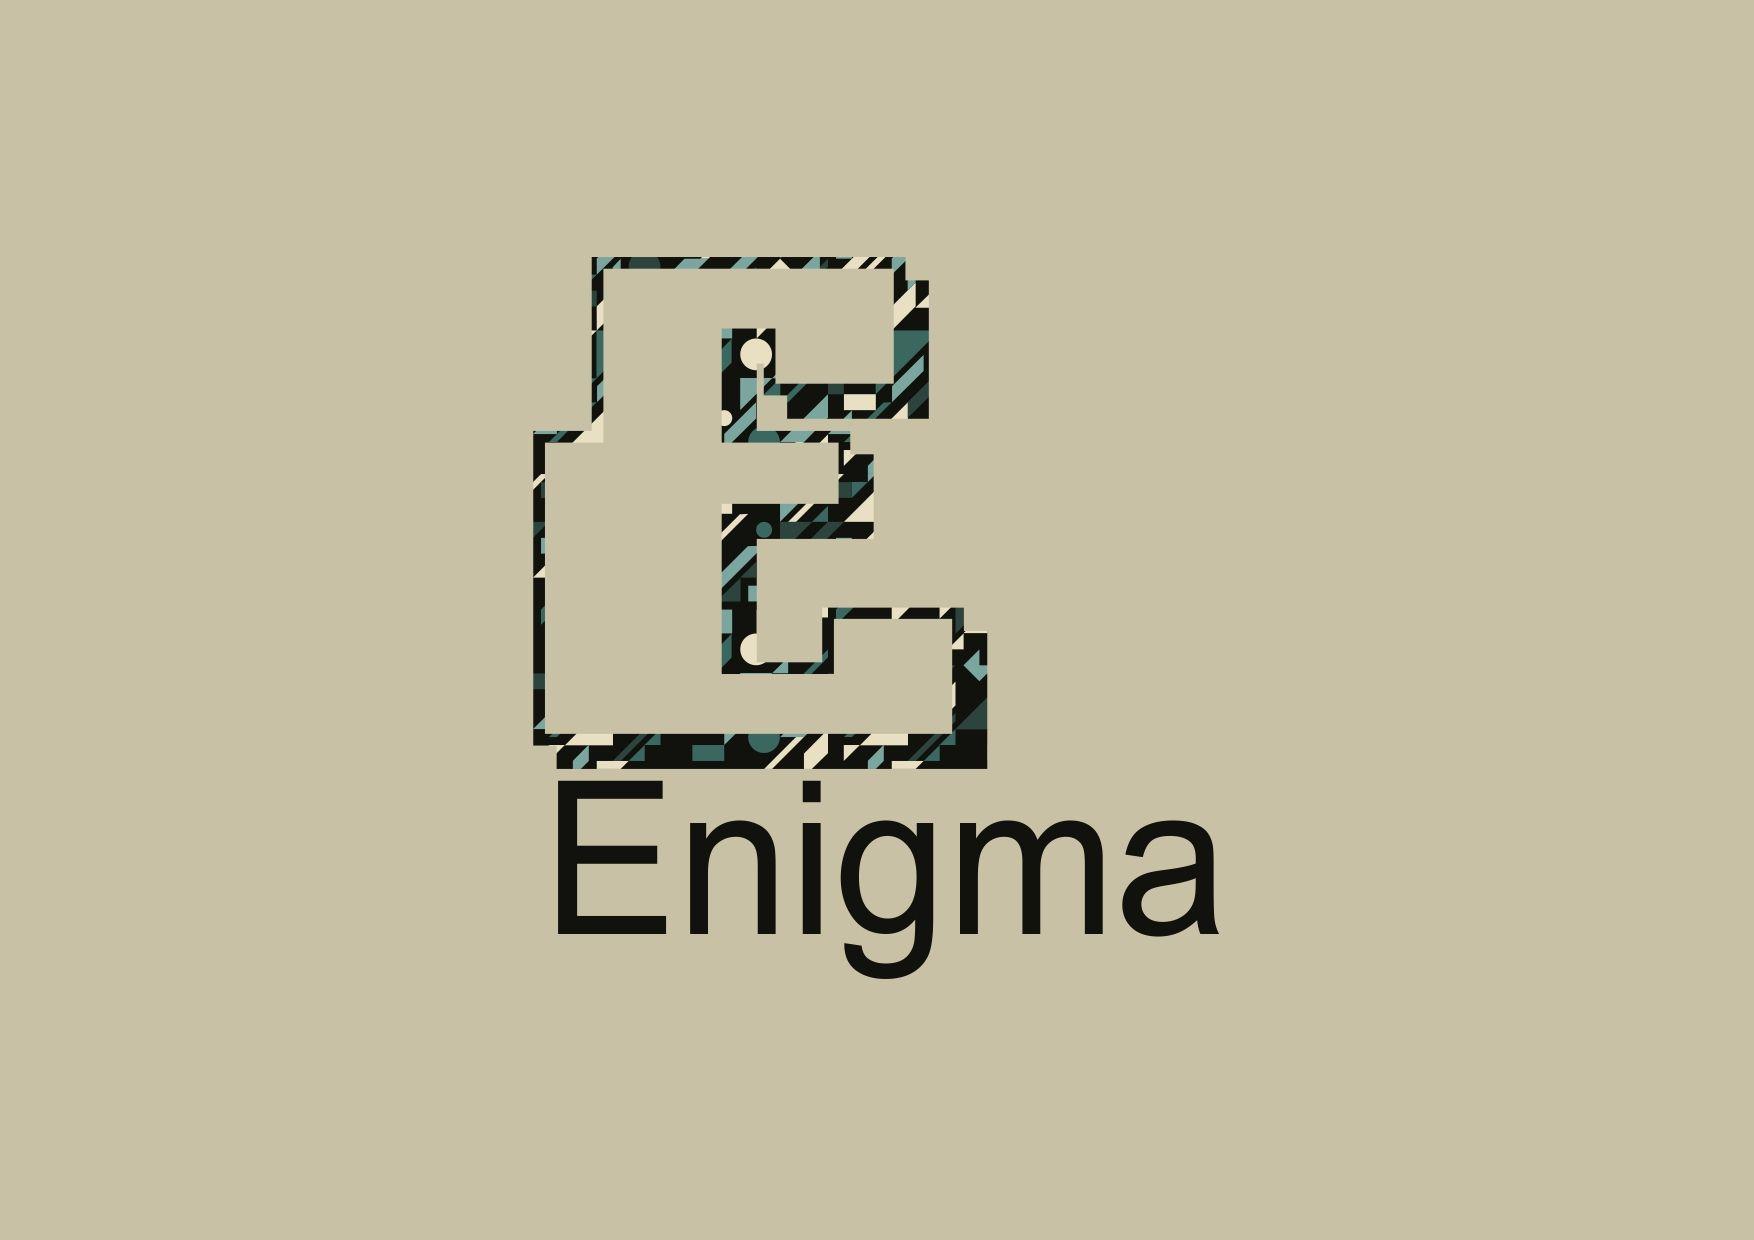 Логотип и фирмстиль для Enigma - дизайнер toster108